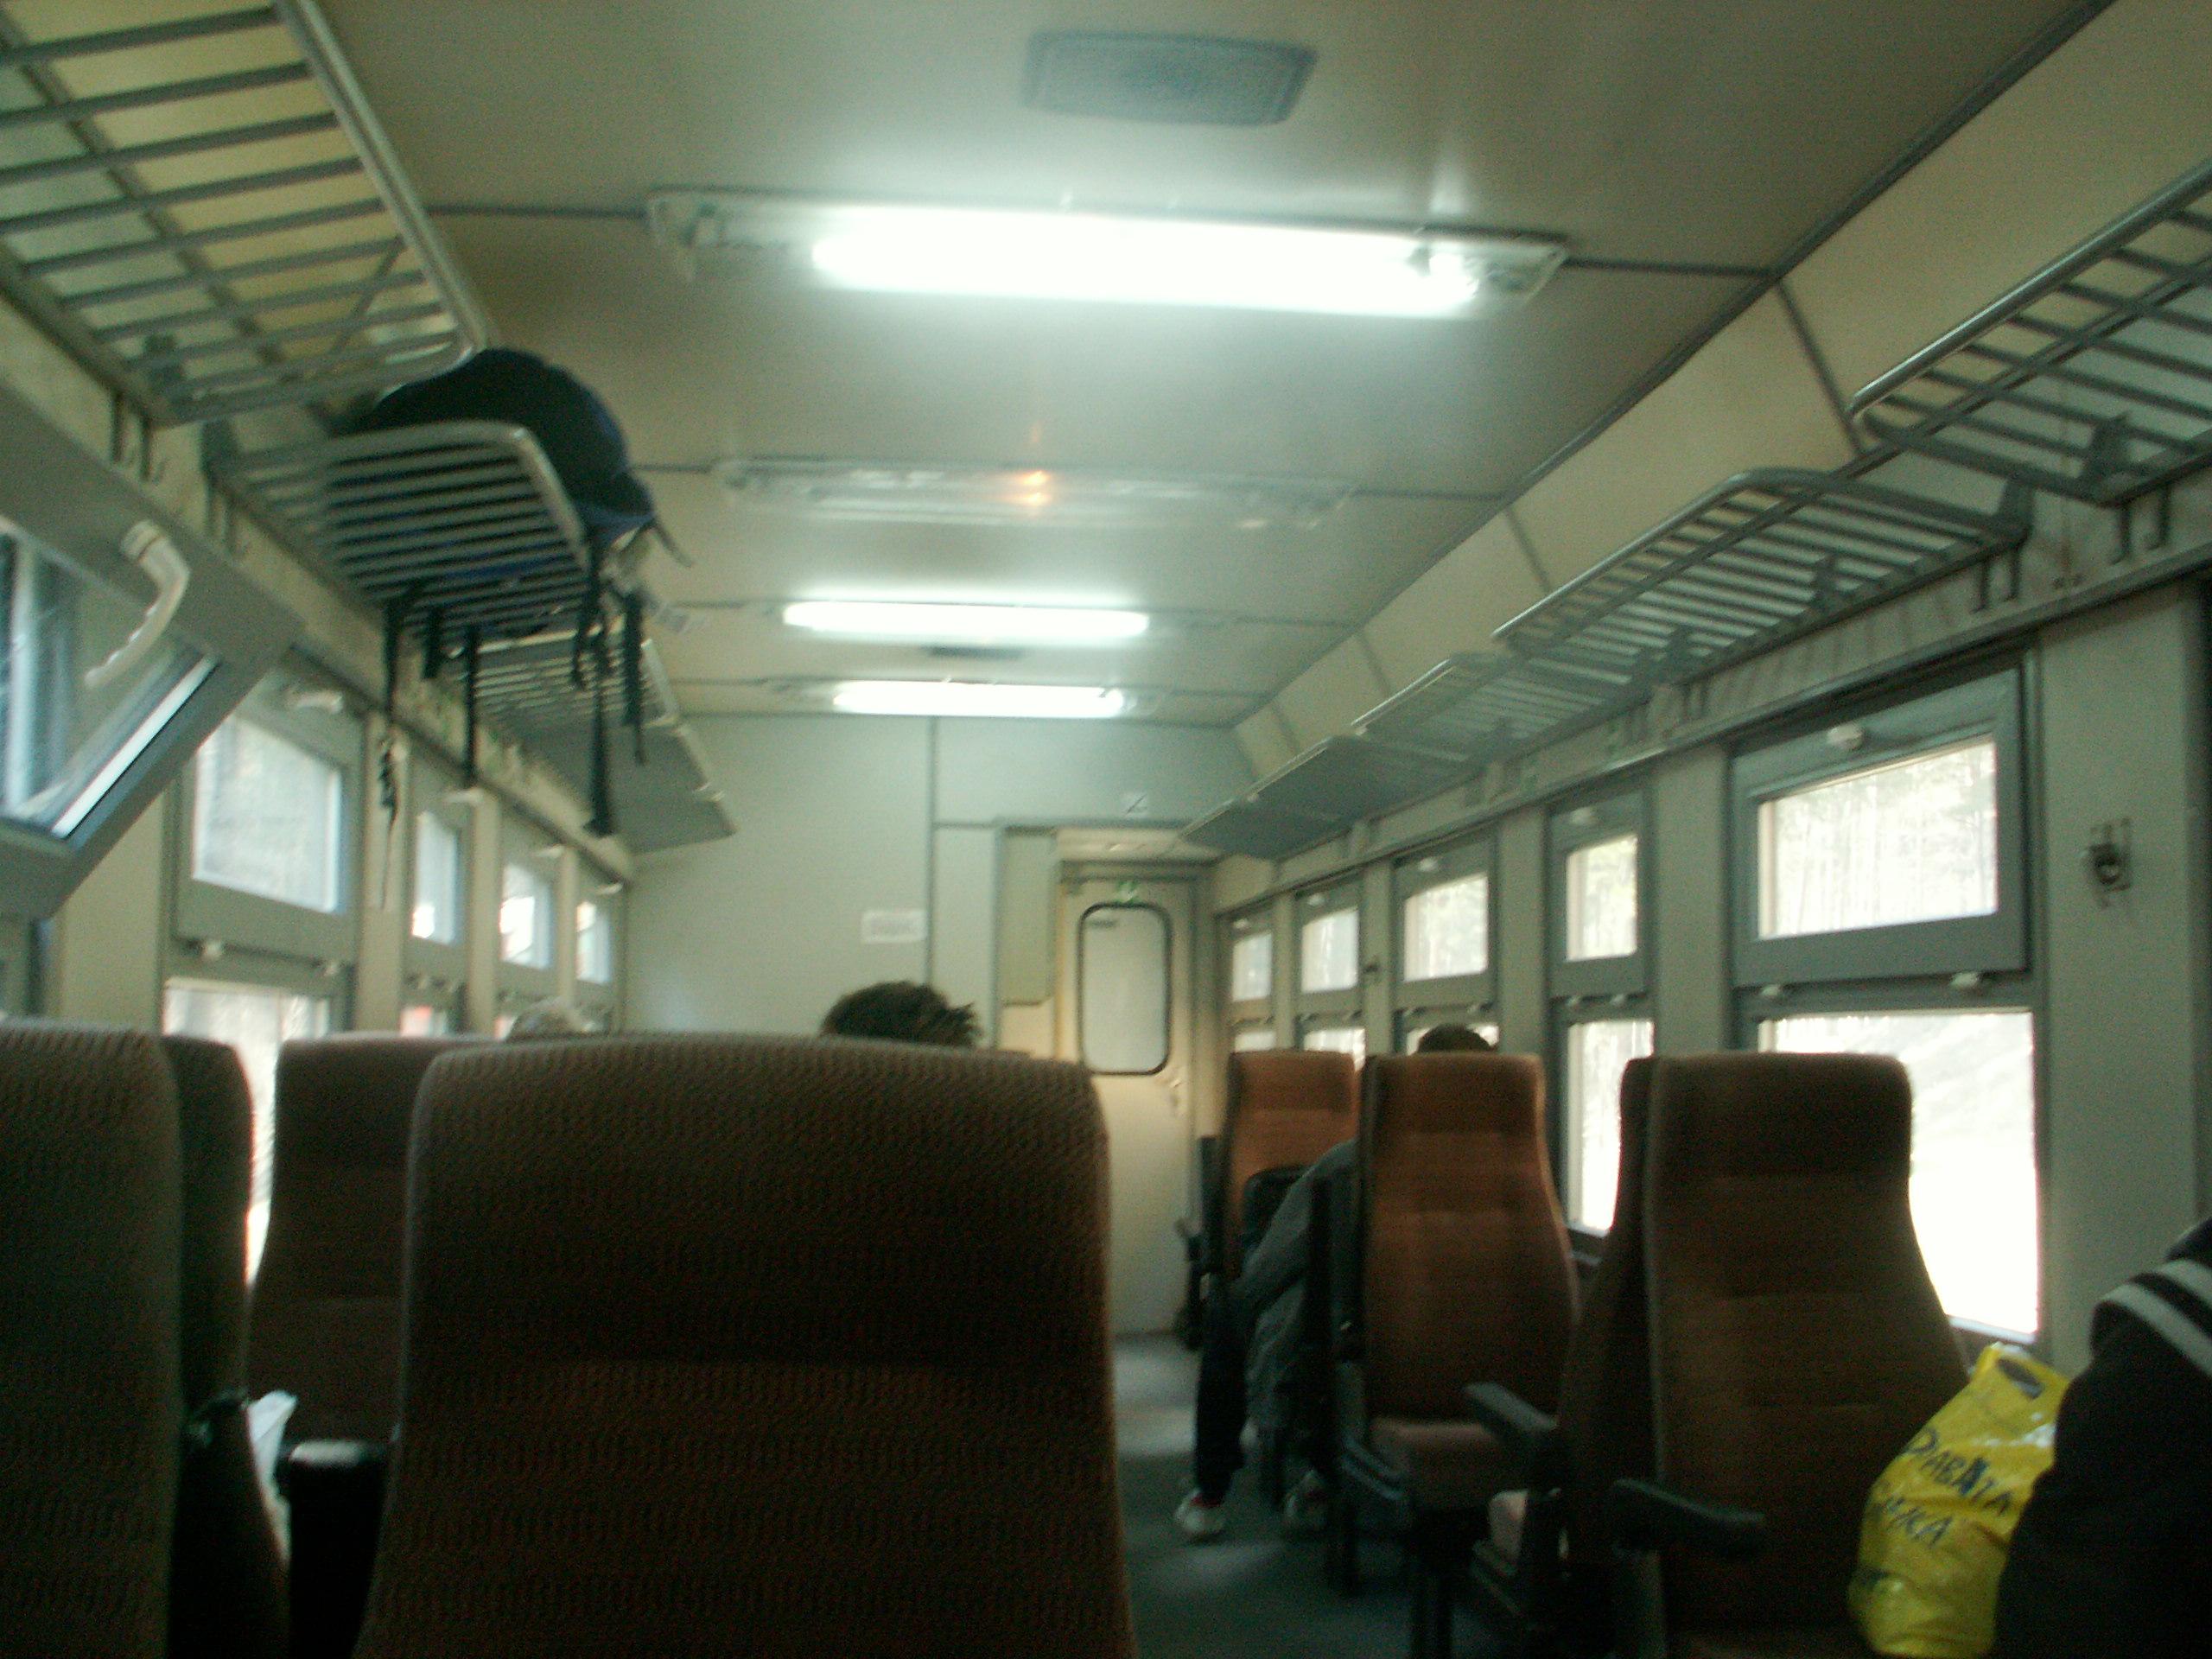 File:Intérieur du train des Rhodopes.JPG - Wikimedia Commons